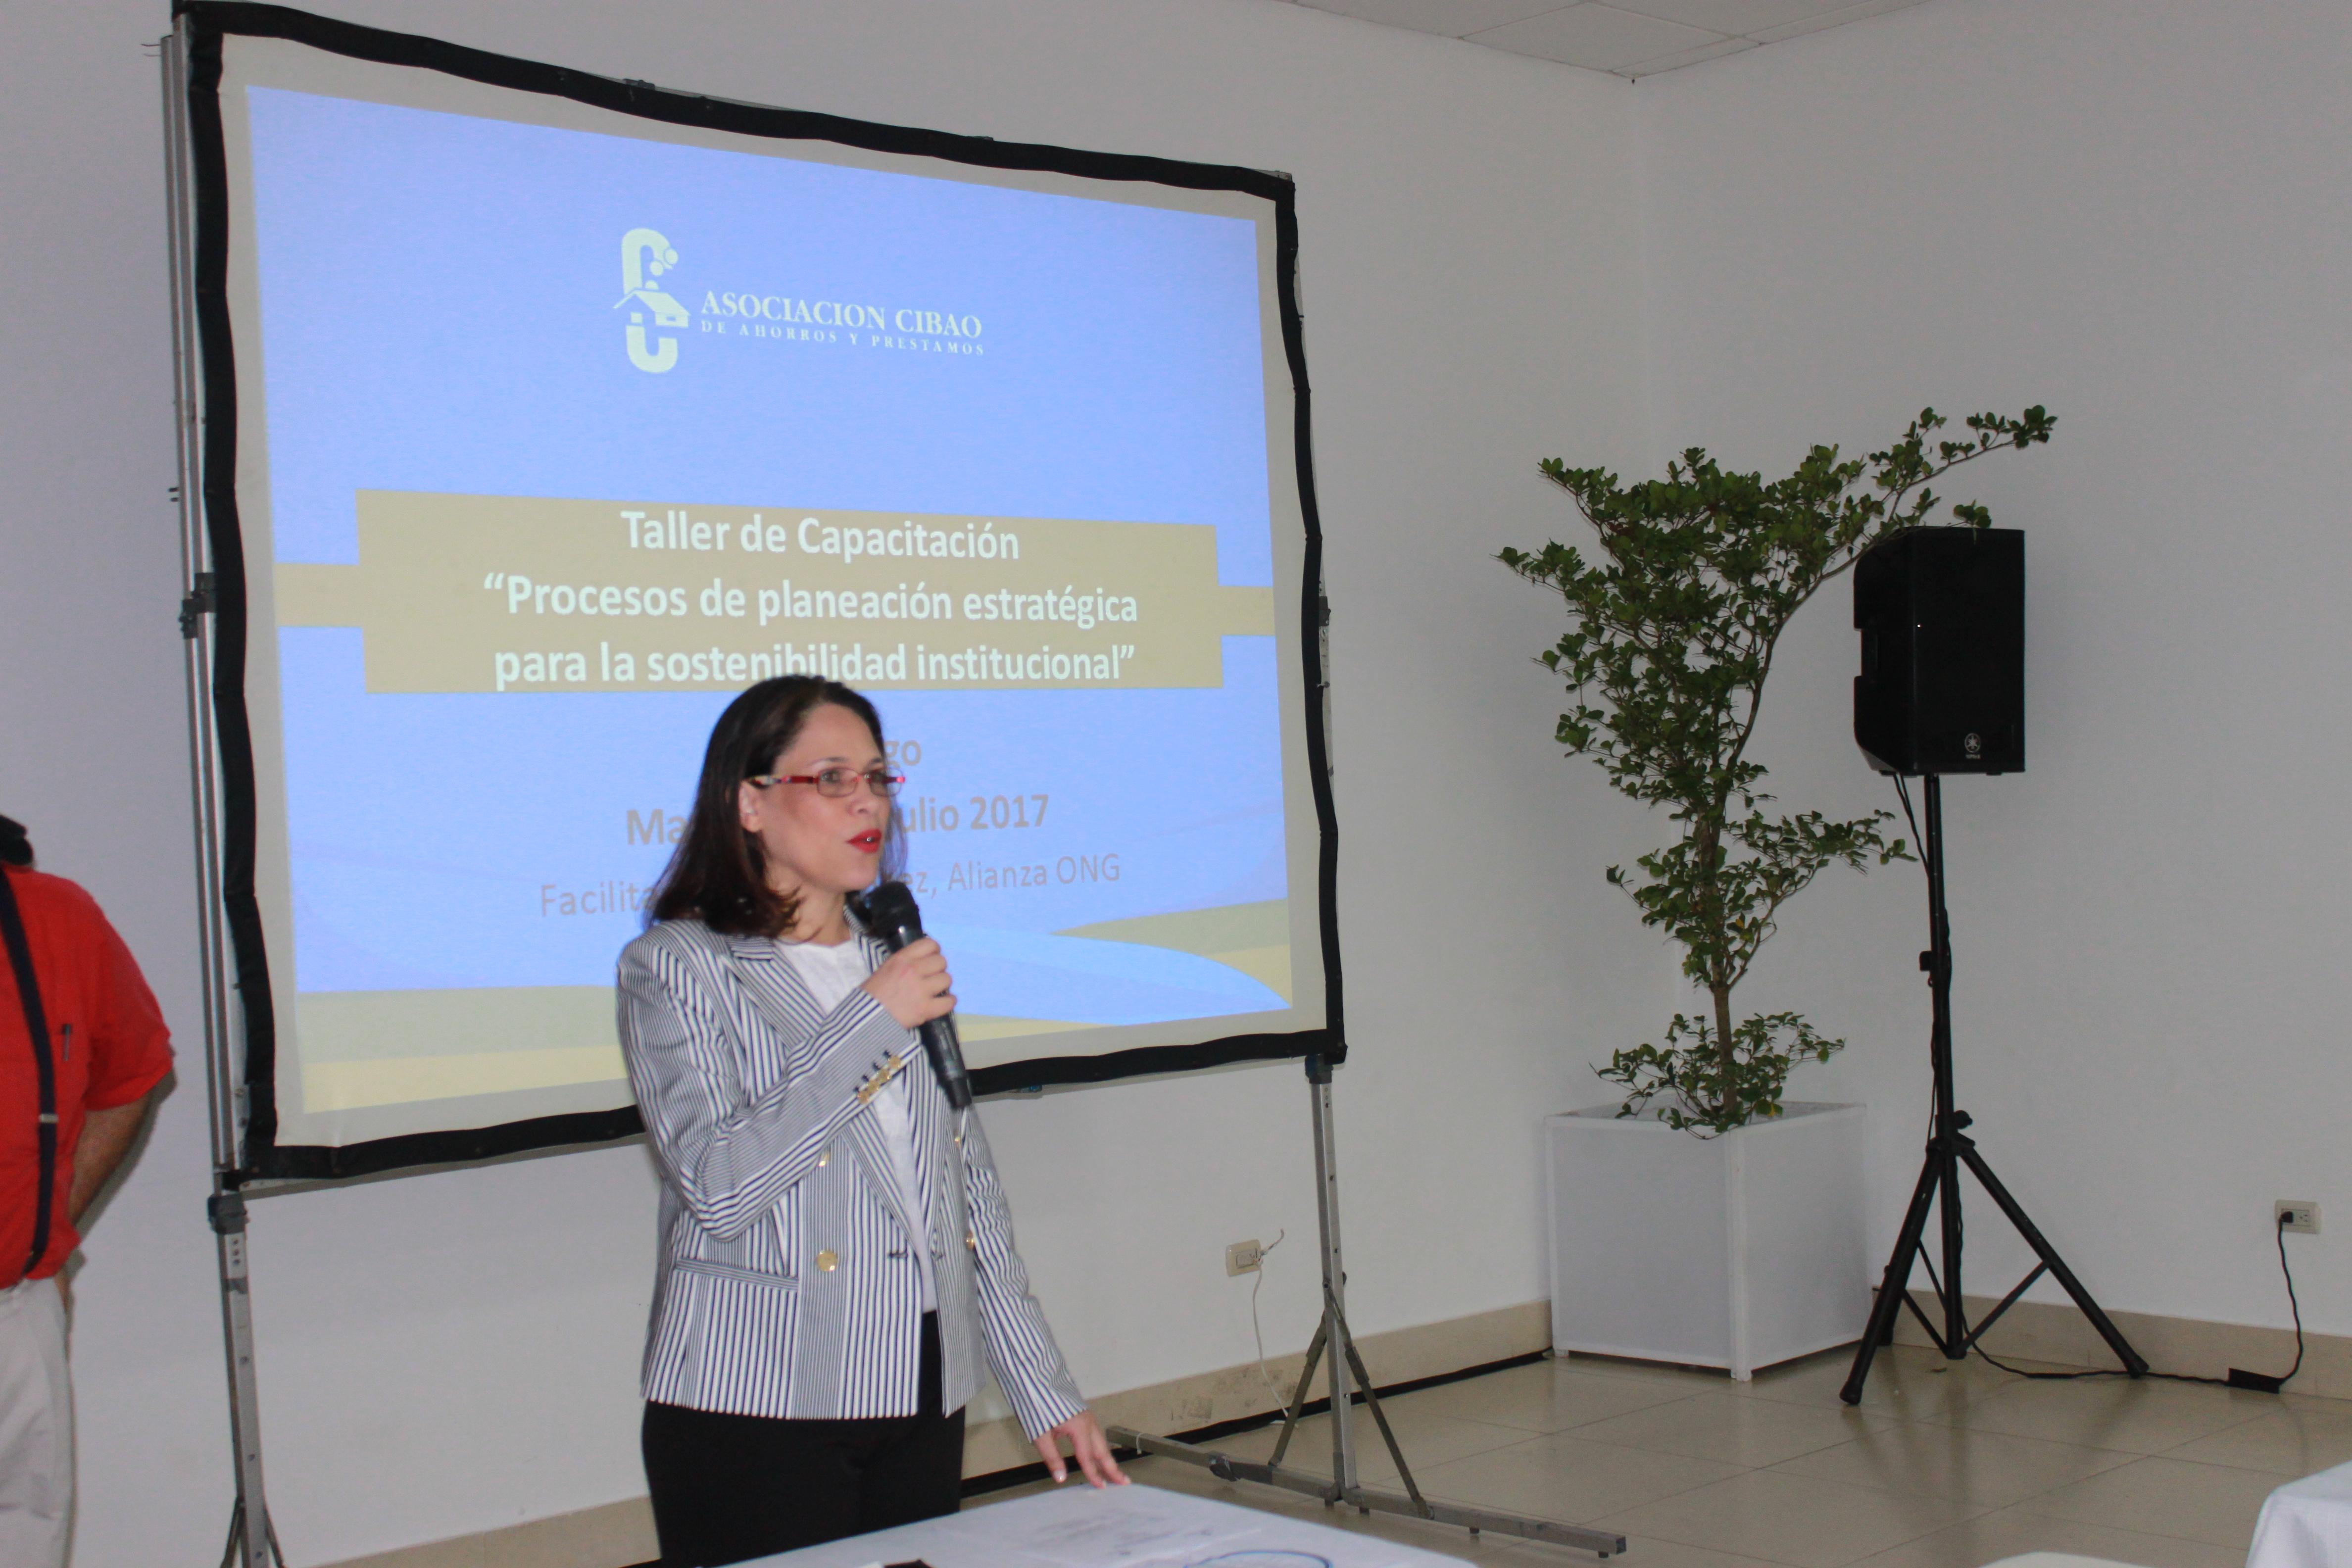 Alianza ONG y ACAP realizarán talleres sobre procesos de planeación estratégica para la sostenibilidad institucional para las ASFL